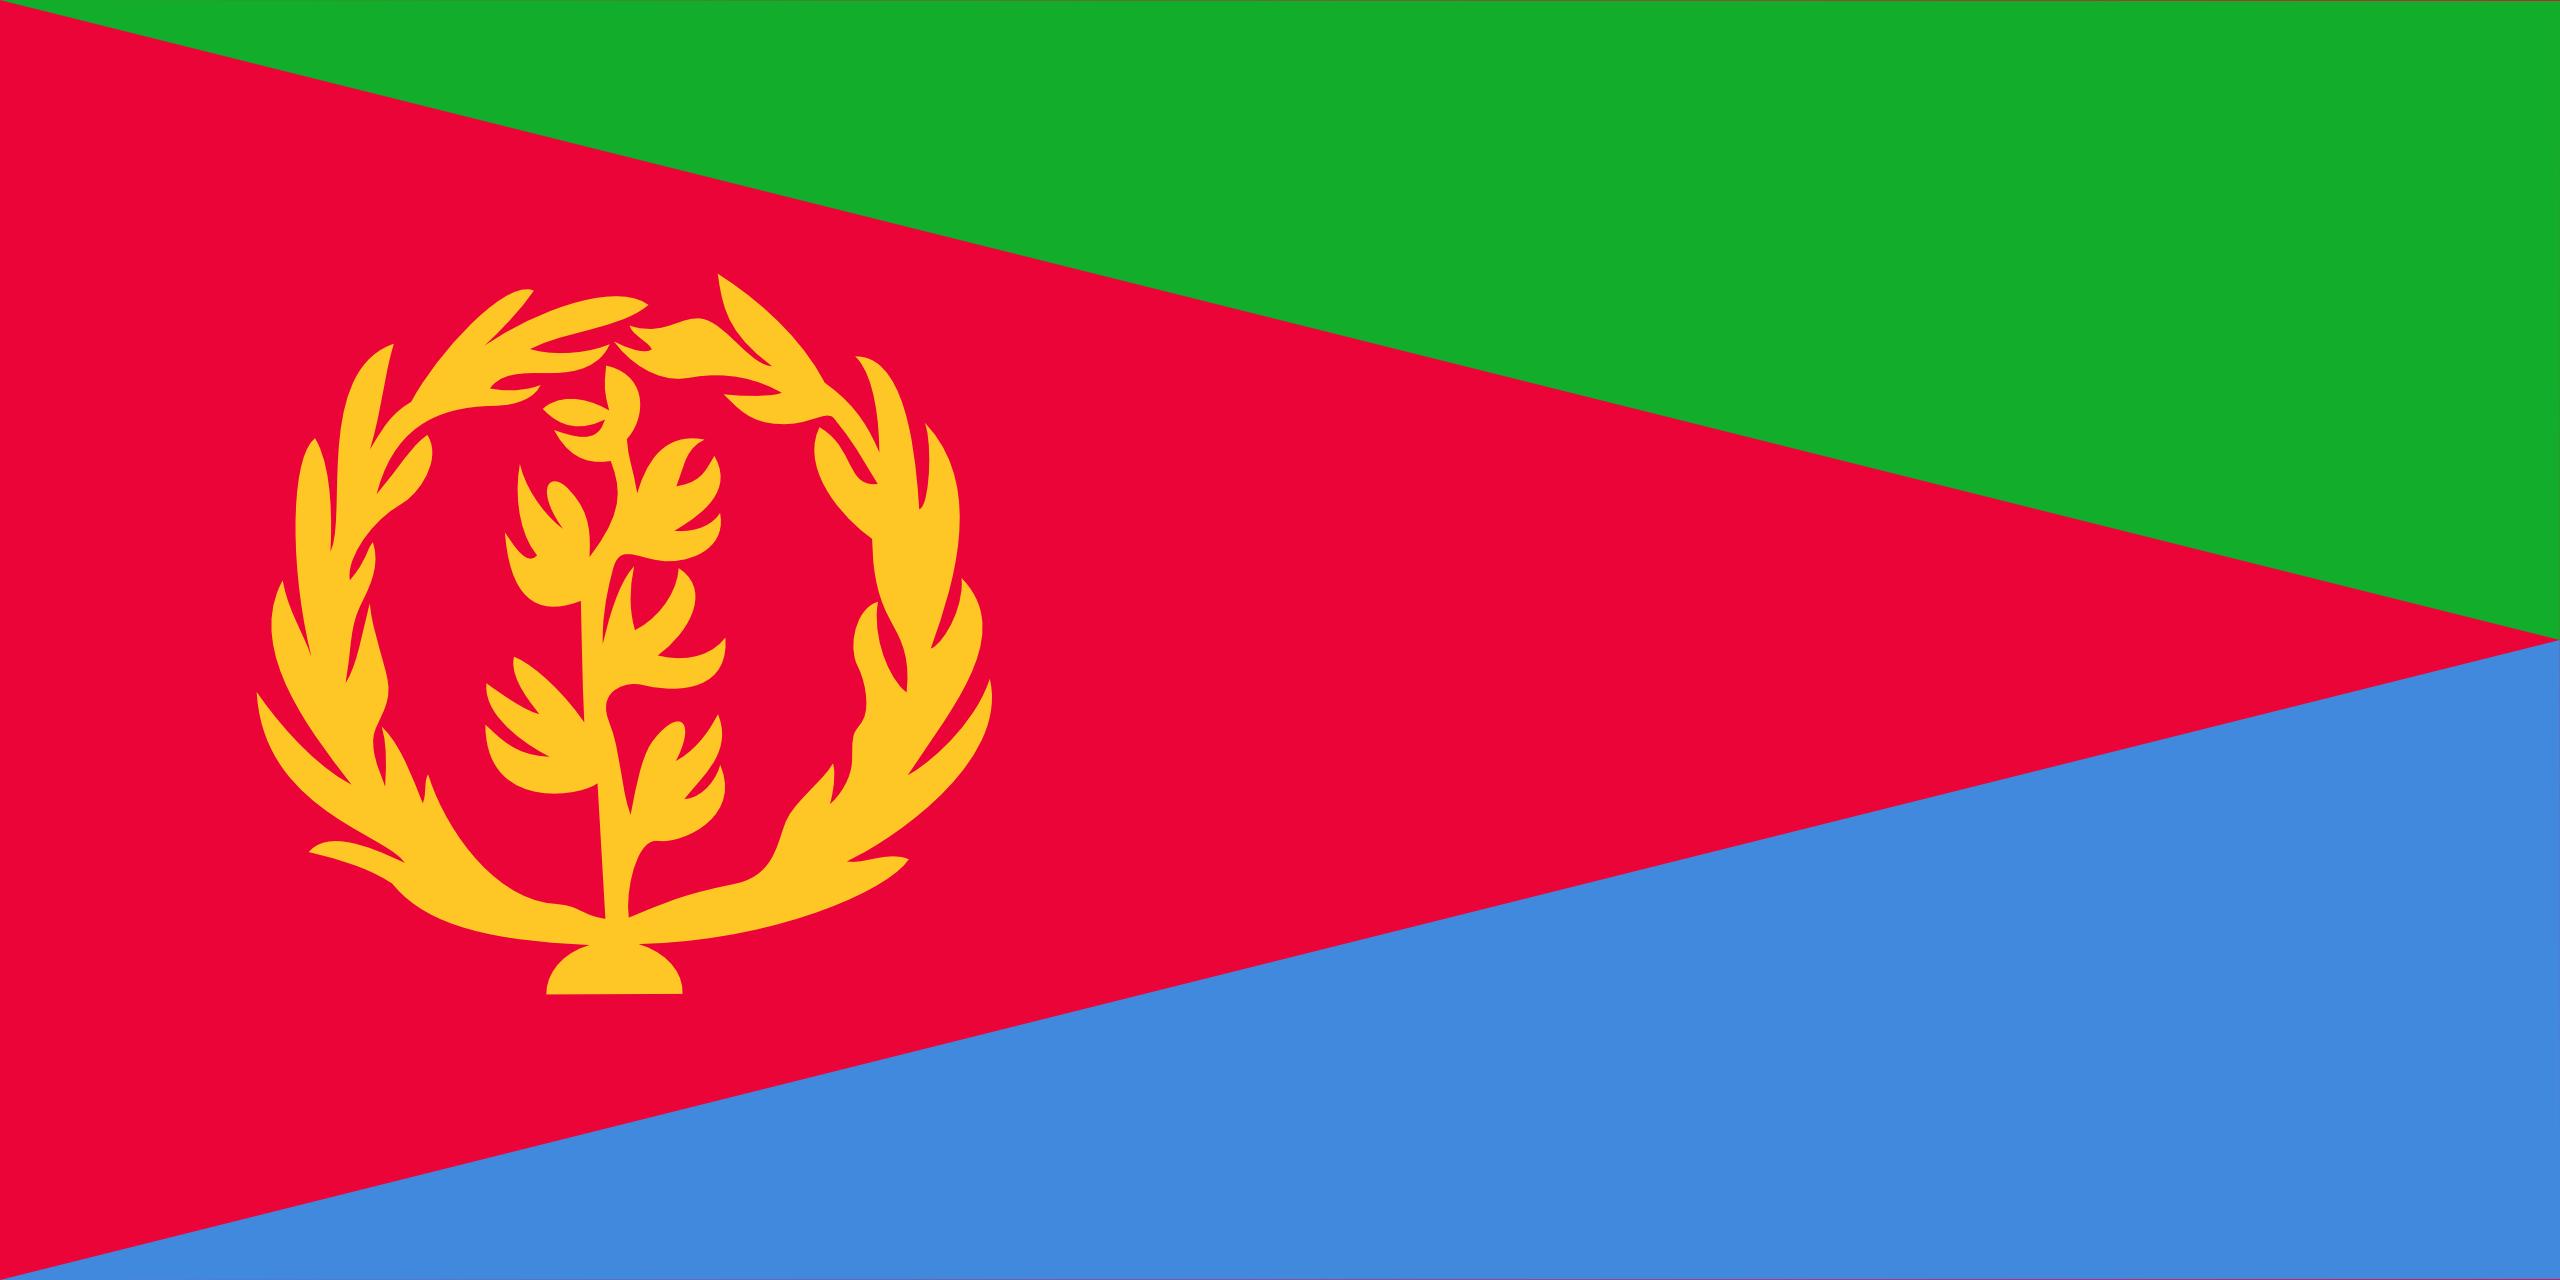 L'Érythrée, pays, emblème, logo, symbole - Fonds d'écran HD - Professor-falken.com